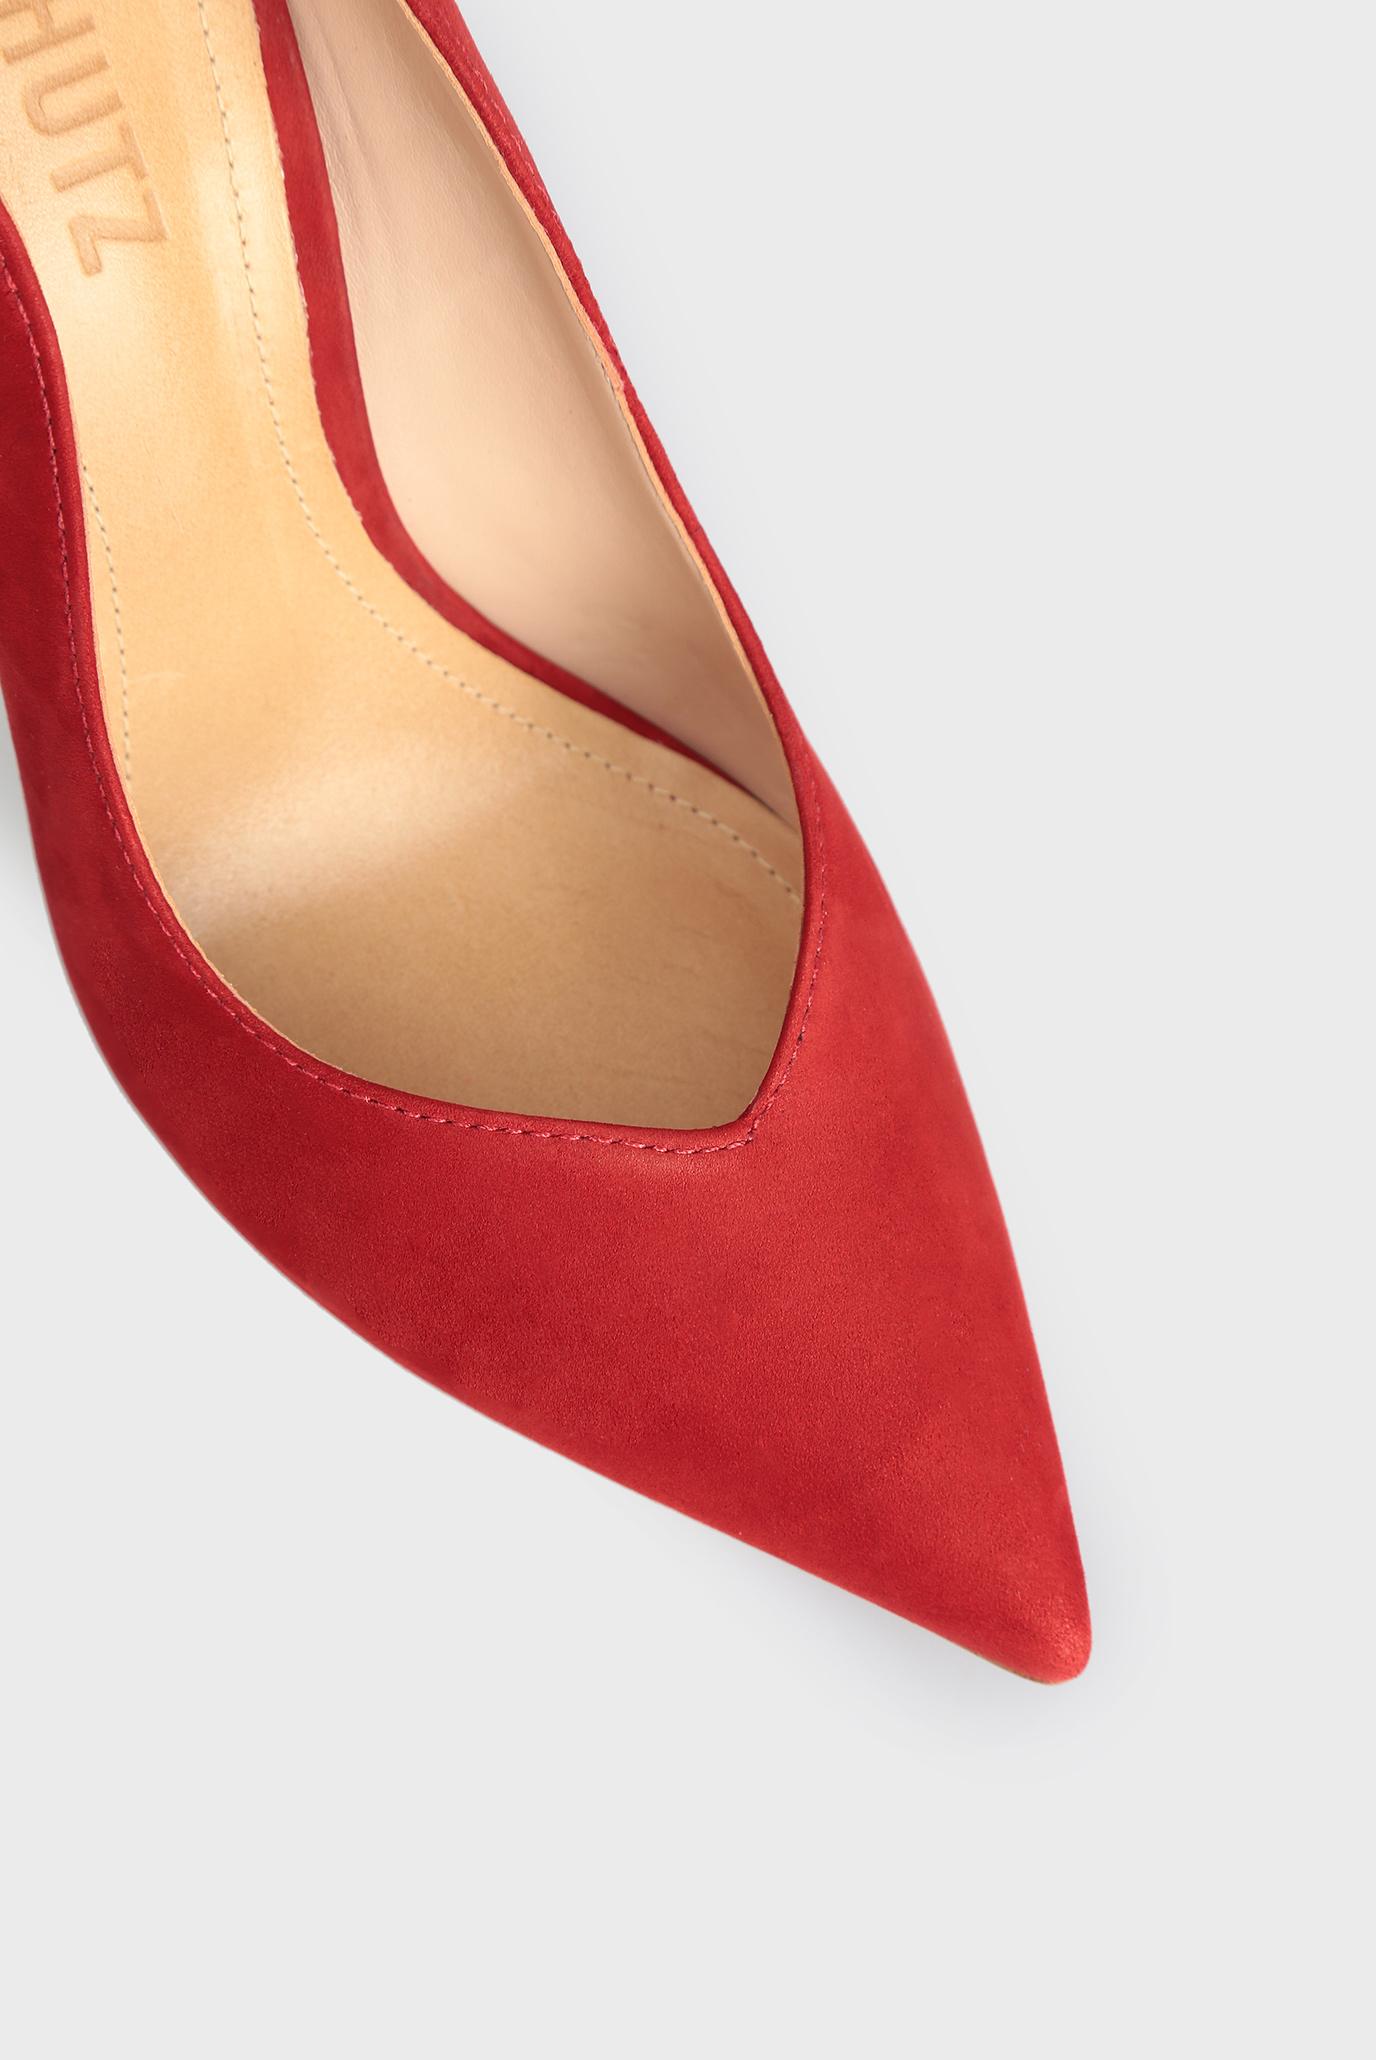 Купить Женские красные кожаные лодочки Schutz  Schutz  S0209103910002 – Киев, Украина. Цены в интернет магазине MD Fashion